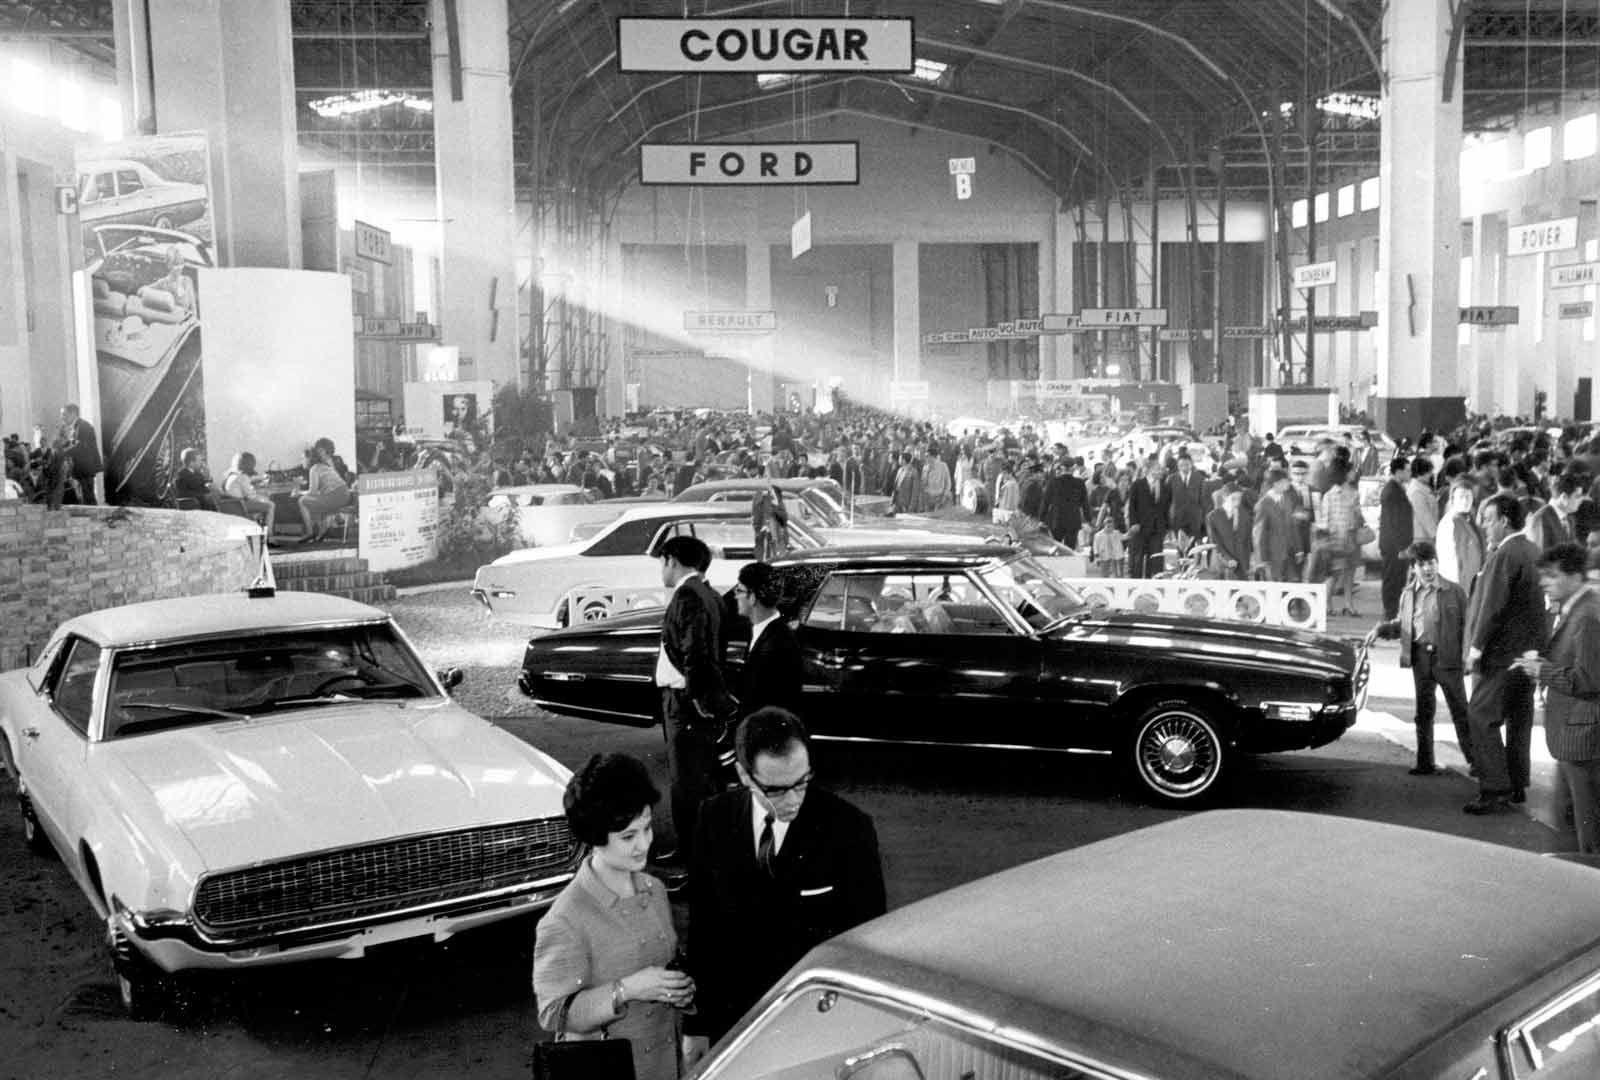 16 1968 Salon Automovil Barcelona Estand Ford